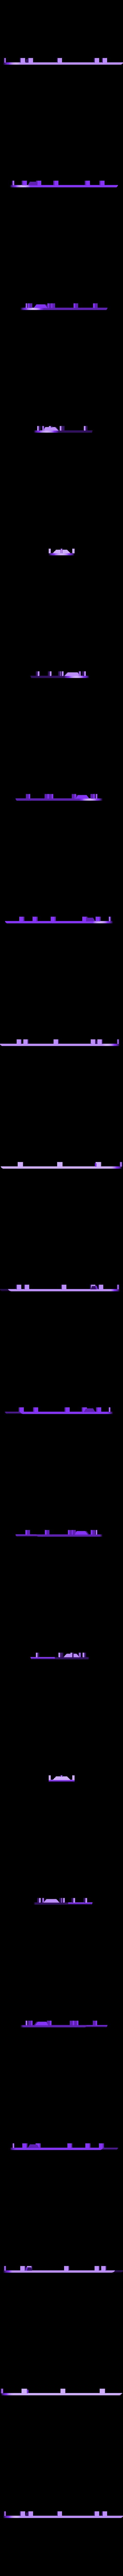 Plaque boite aux lettres standard France-3d.stl Télécharger fichier STL gratuit Cache Transparent Nom sur Boite aux Lettres Standard France • Objet imprimable en 3D, LAFABRIK3D